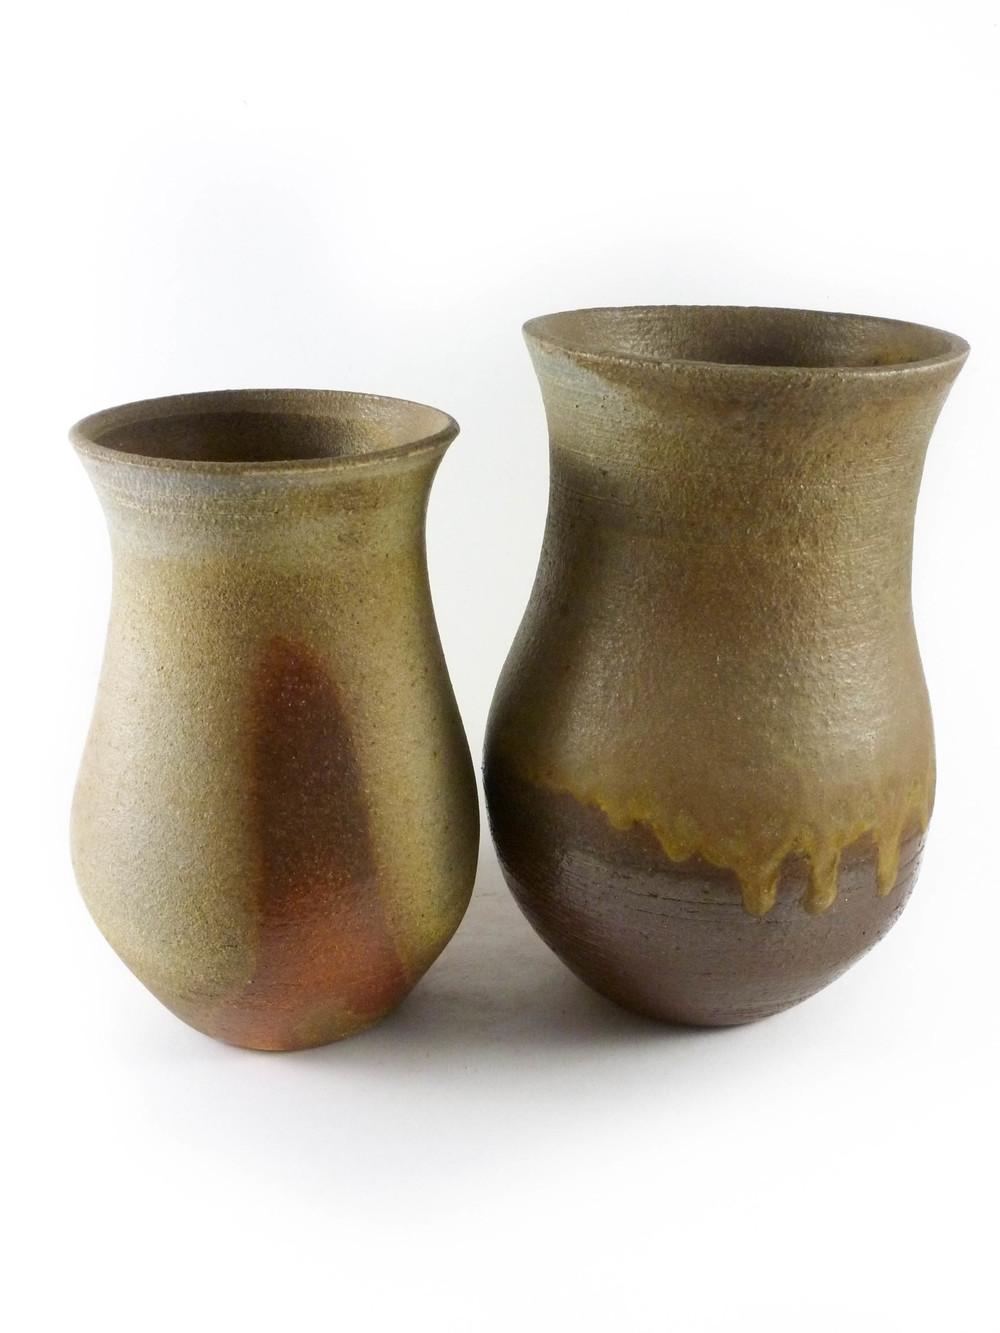 Vases 09-03 & 09-04